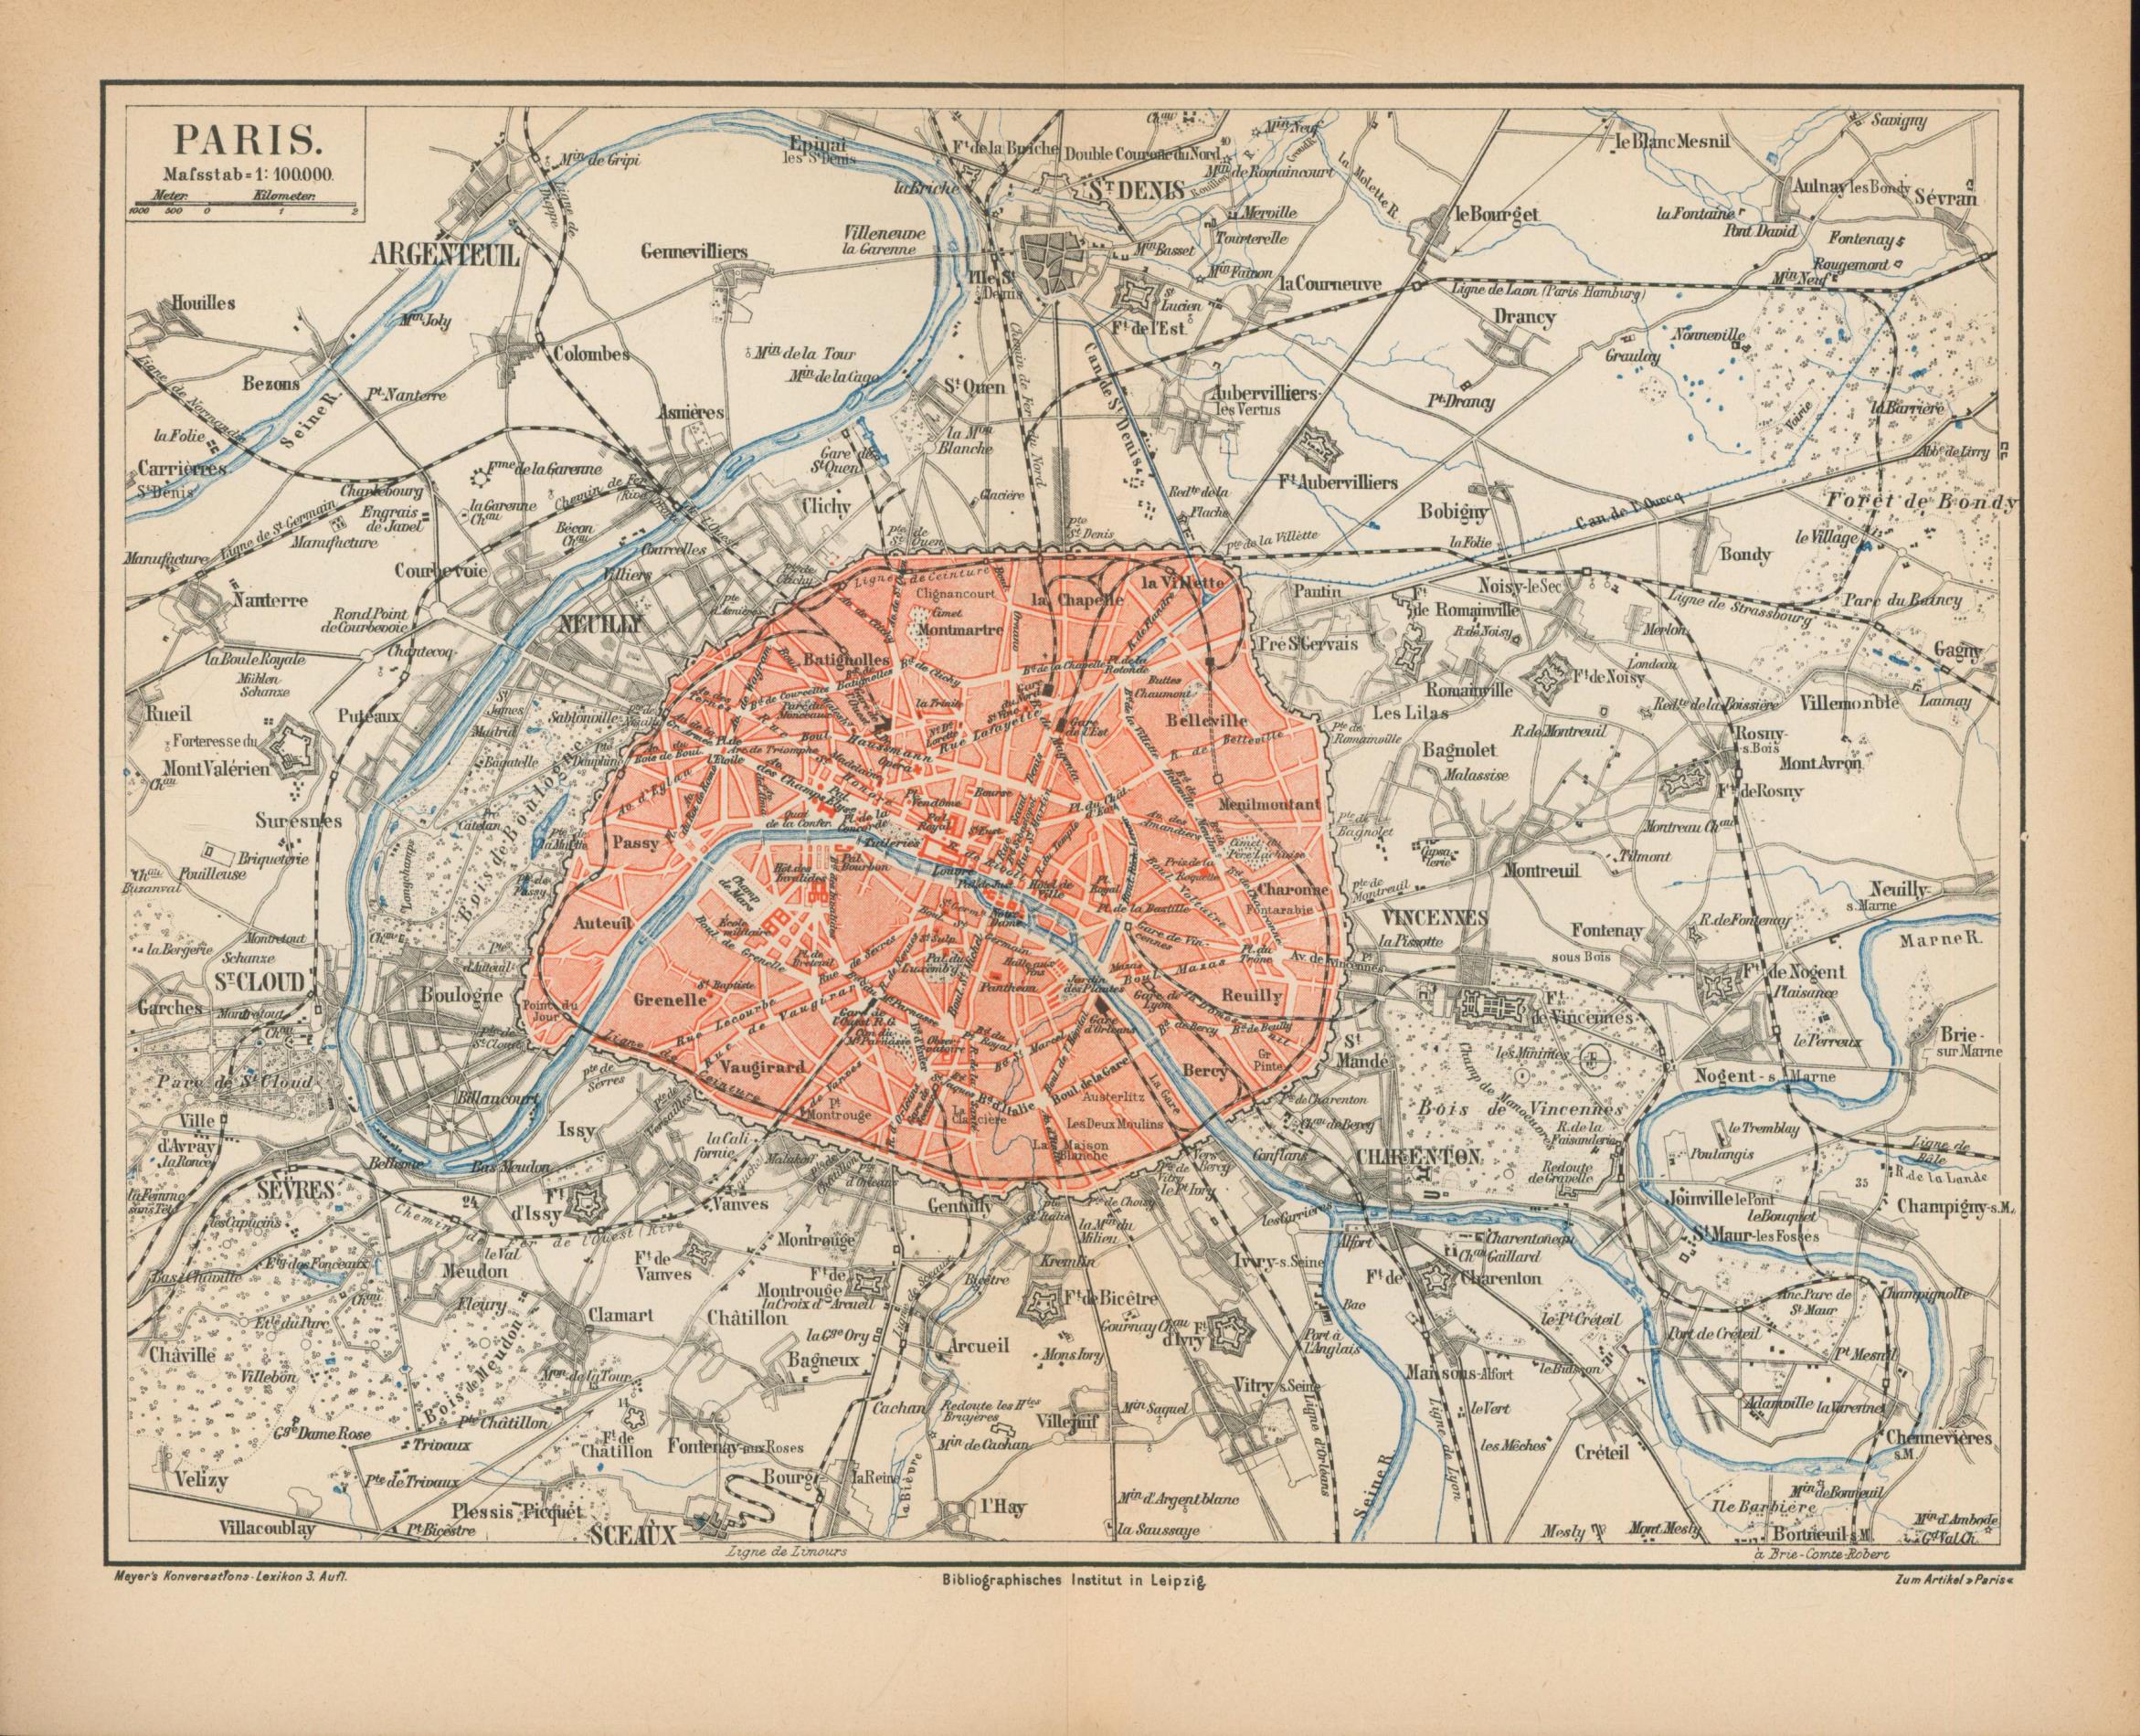 Paris von 1874,Maßstab 1:100.000: Historische Landkarte KEIN